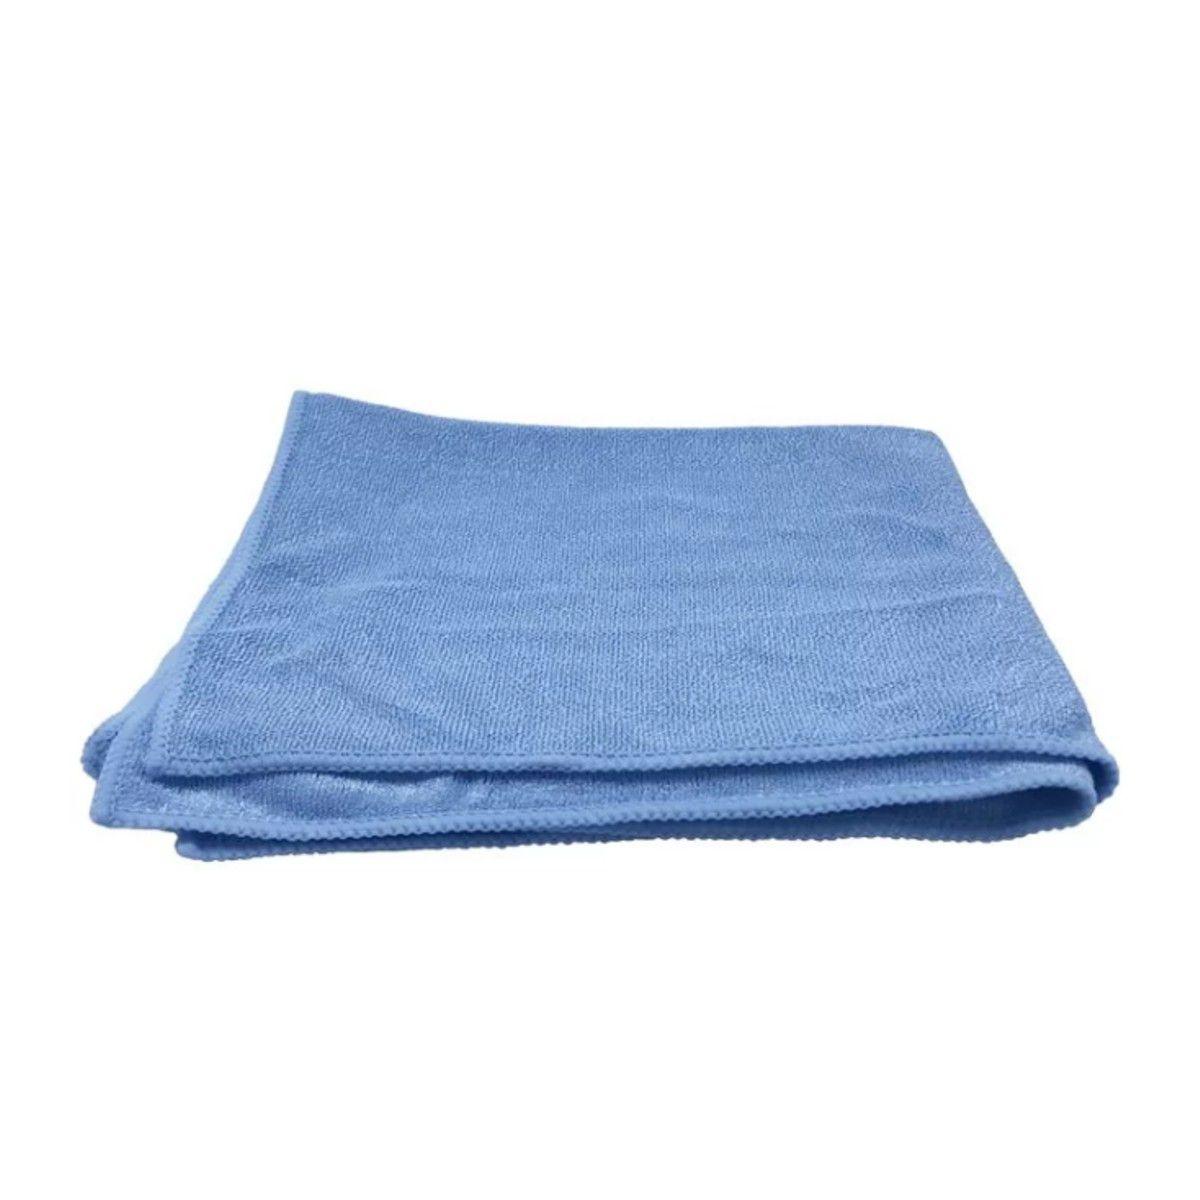 Pano De Microfibra 38cmx38cm Azul Detailer 10 Unidades